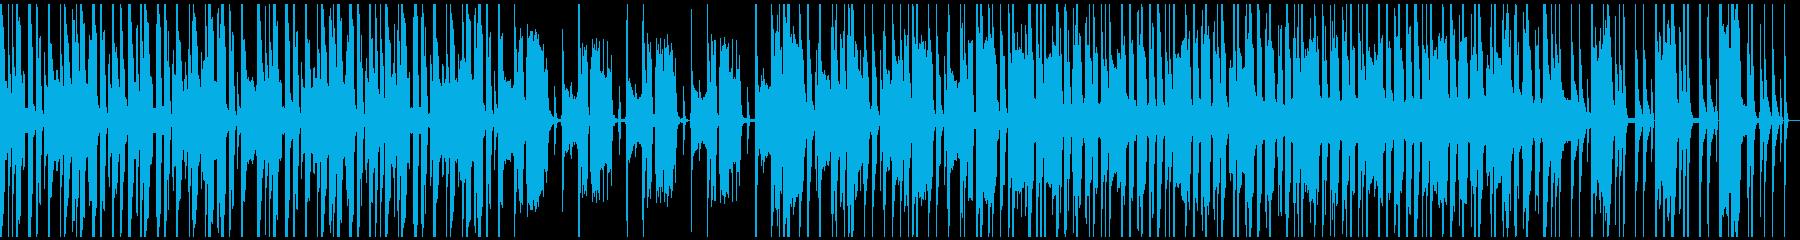 ループ仕様、軽快、コミカル、シンセの再生済みの波形